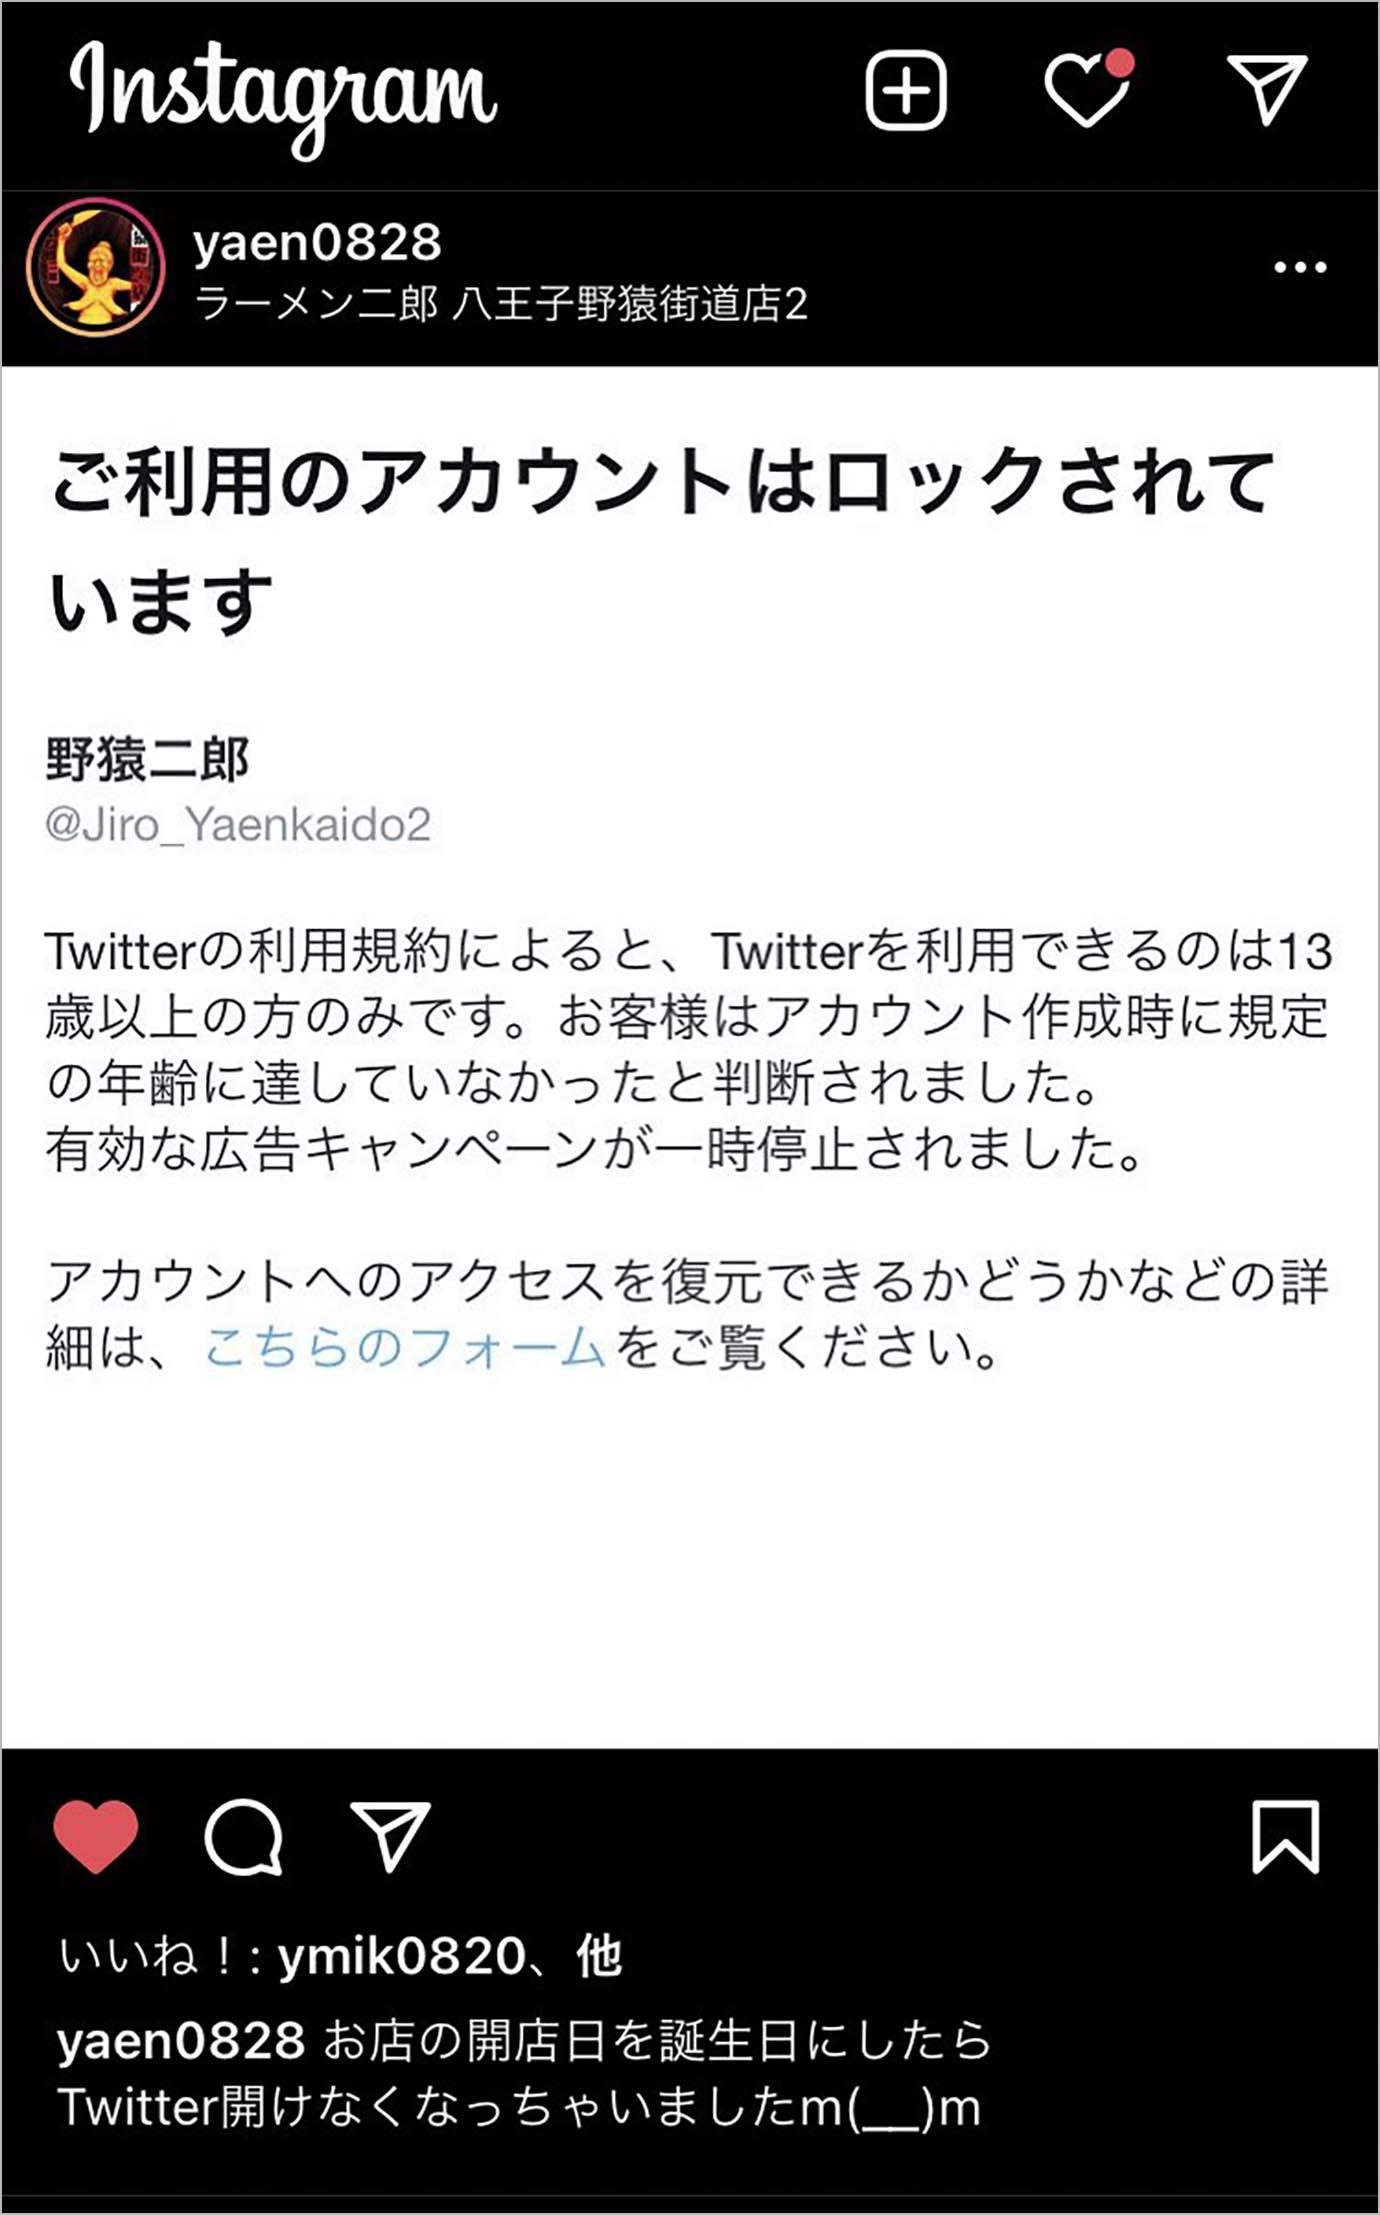 yaen0828-jiro-yaenkaido2